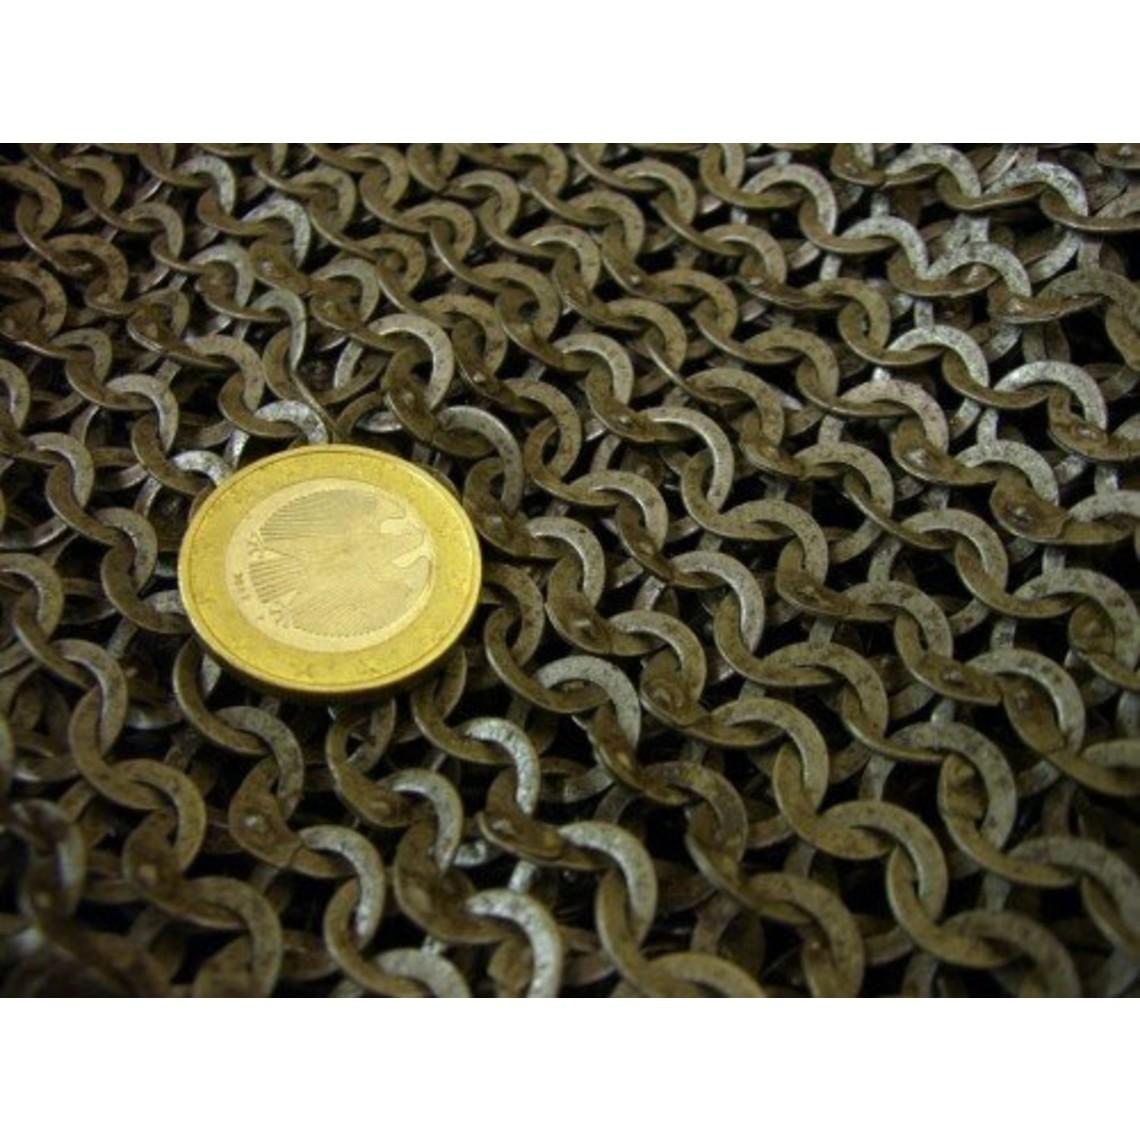 Ulfberth Coif med fyrkantig ringning, blandade nitade ringar, 6 mm